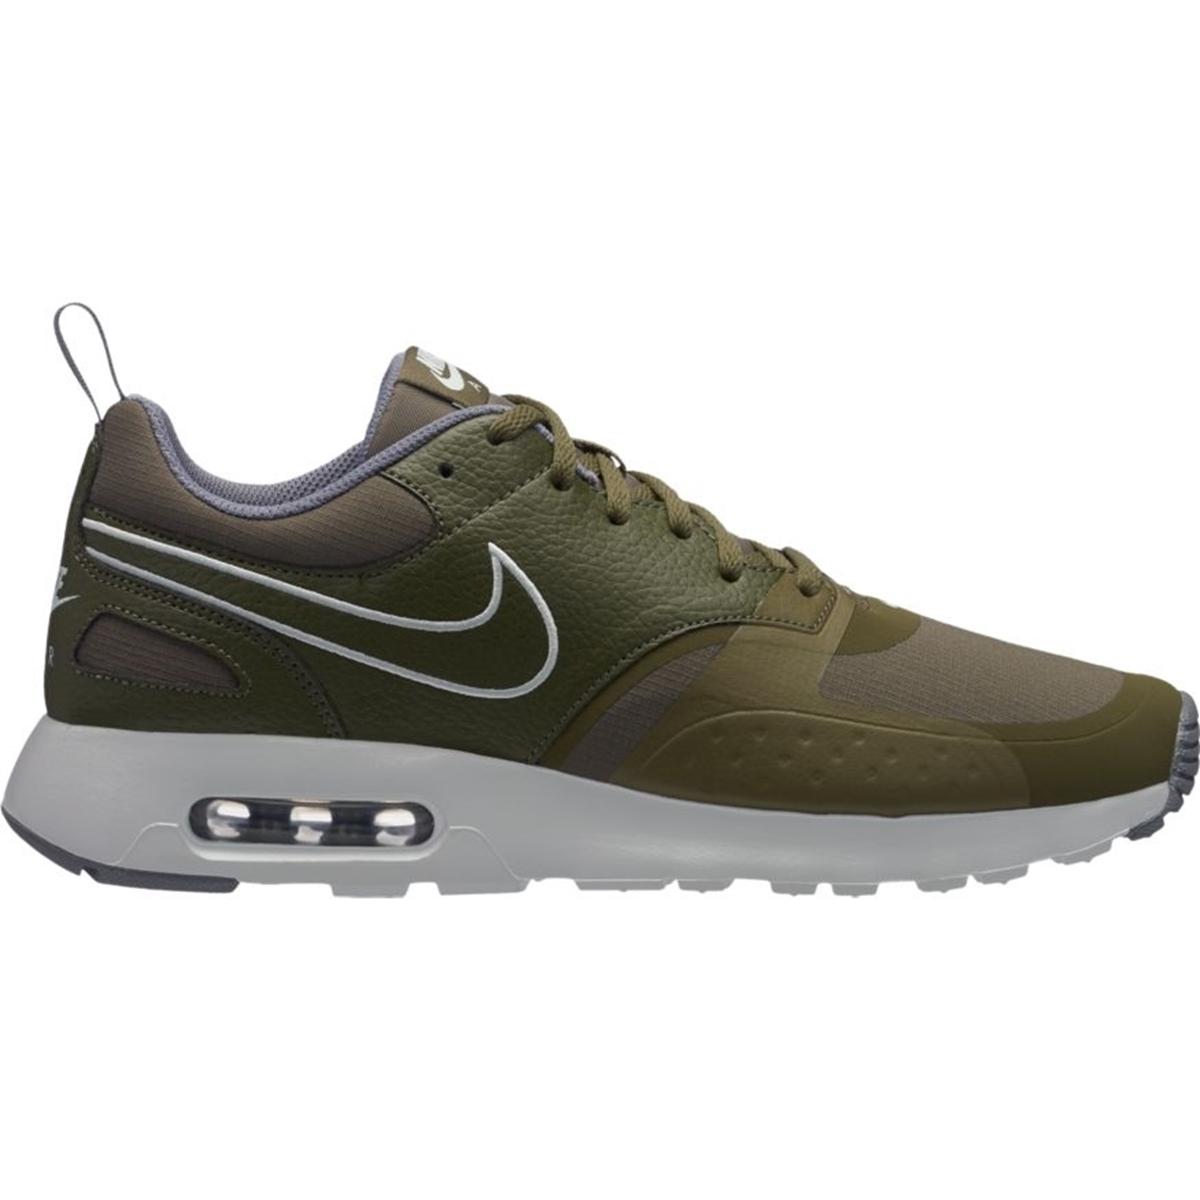 huge discount 7a72a e7127 Nike AIR MAX VISION SE 918231-202- Nava Sport - Vi selger klær og ...